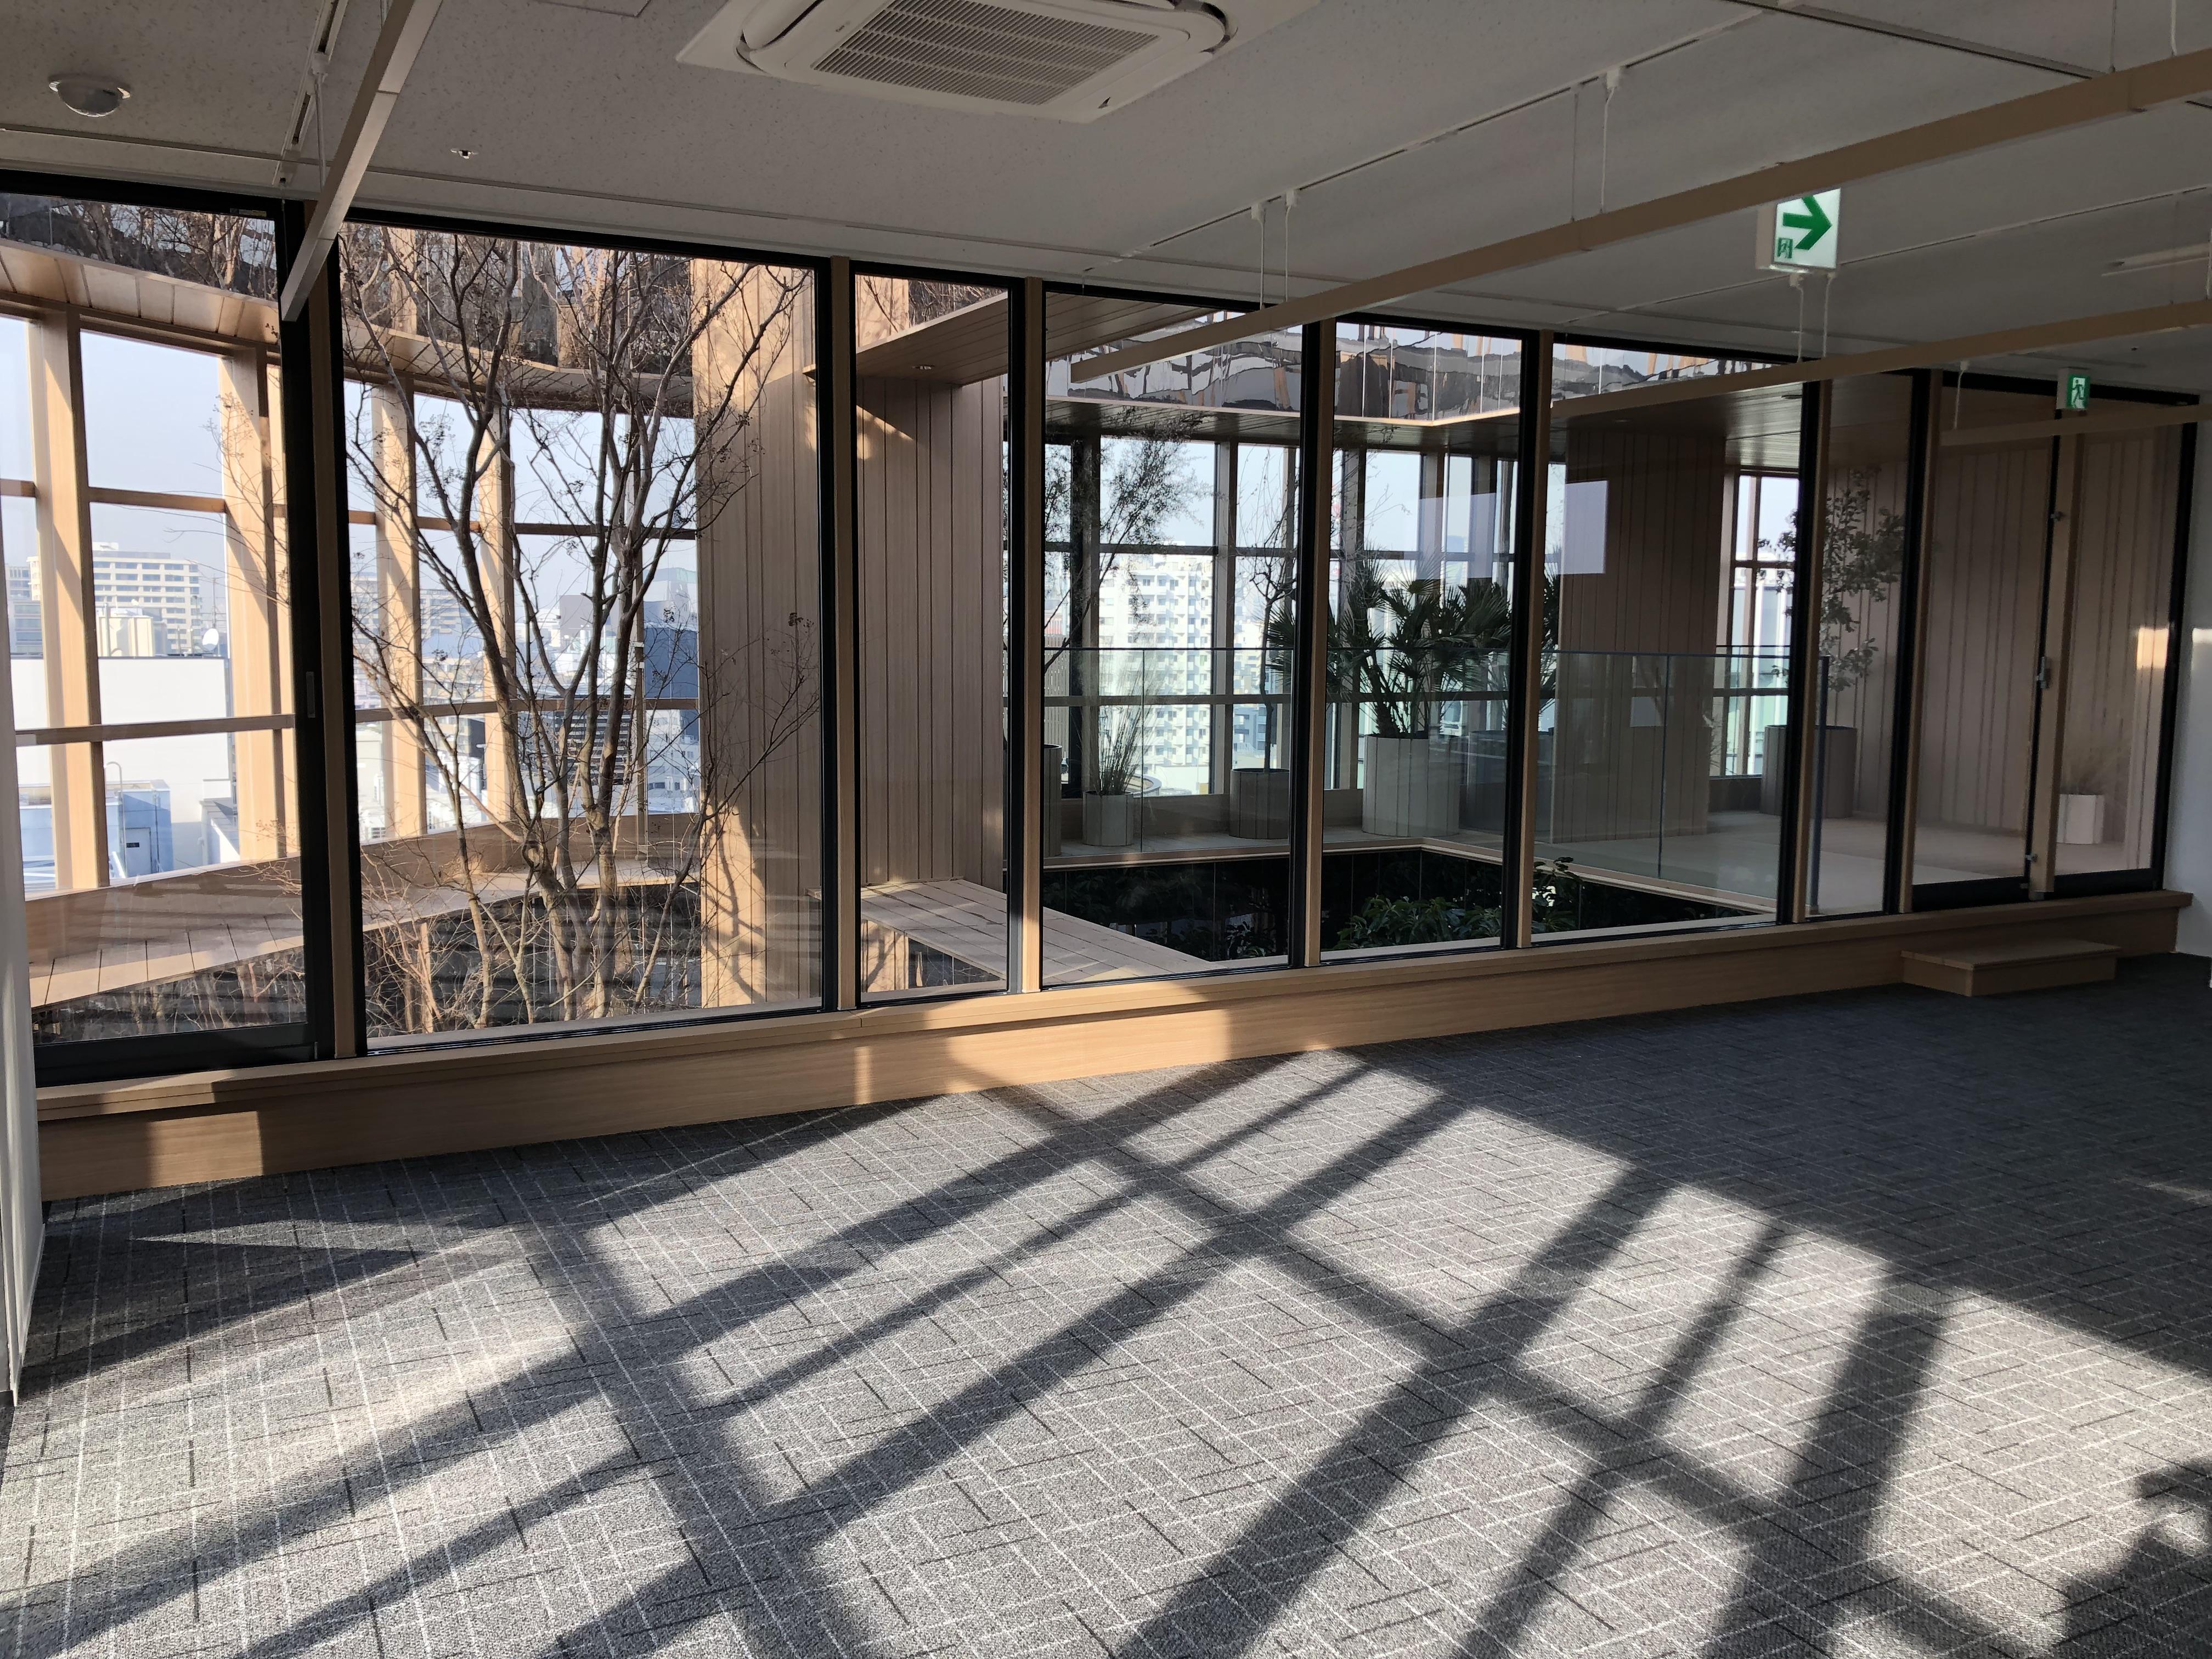 【デザイナーズ】にぎわう麹町の新築ビル 植栽の美しいテラスに一目惚れするオフィス